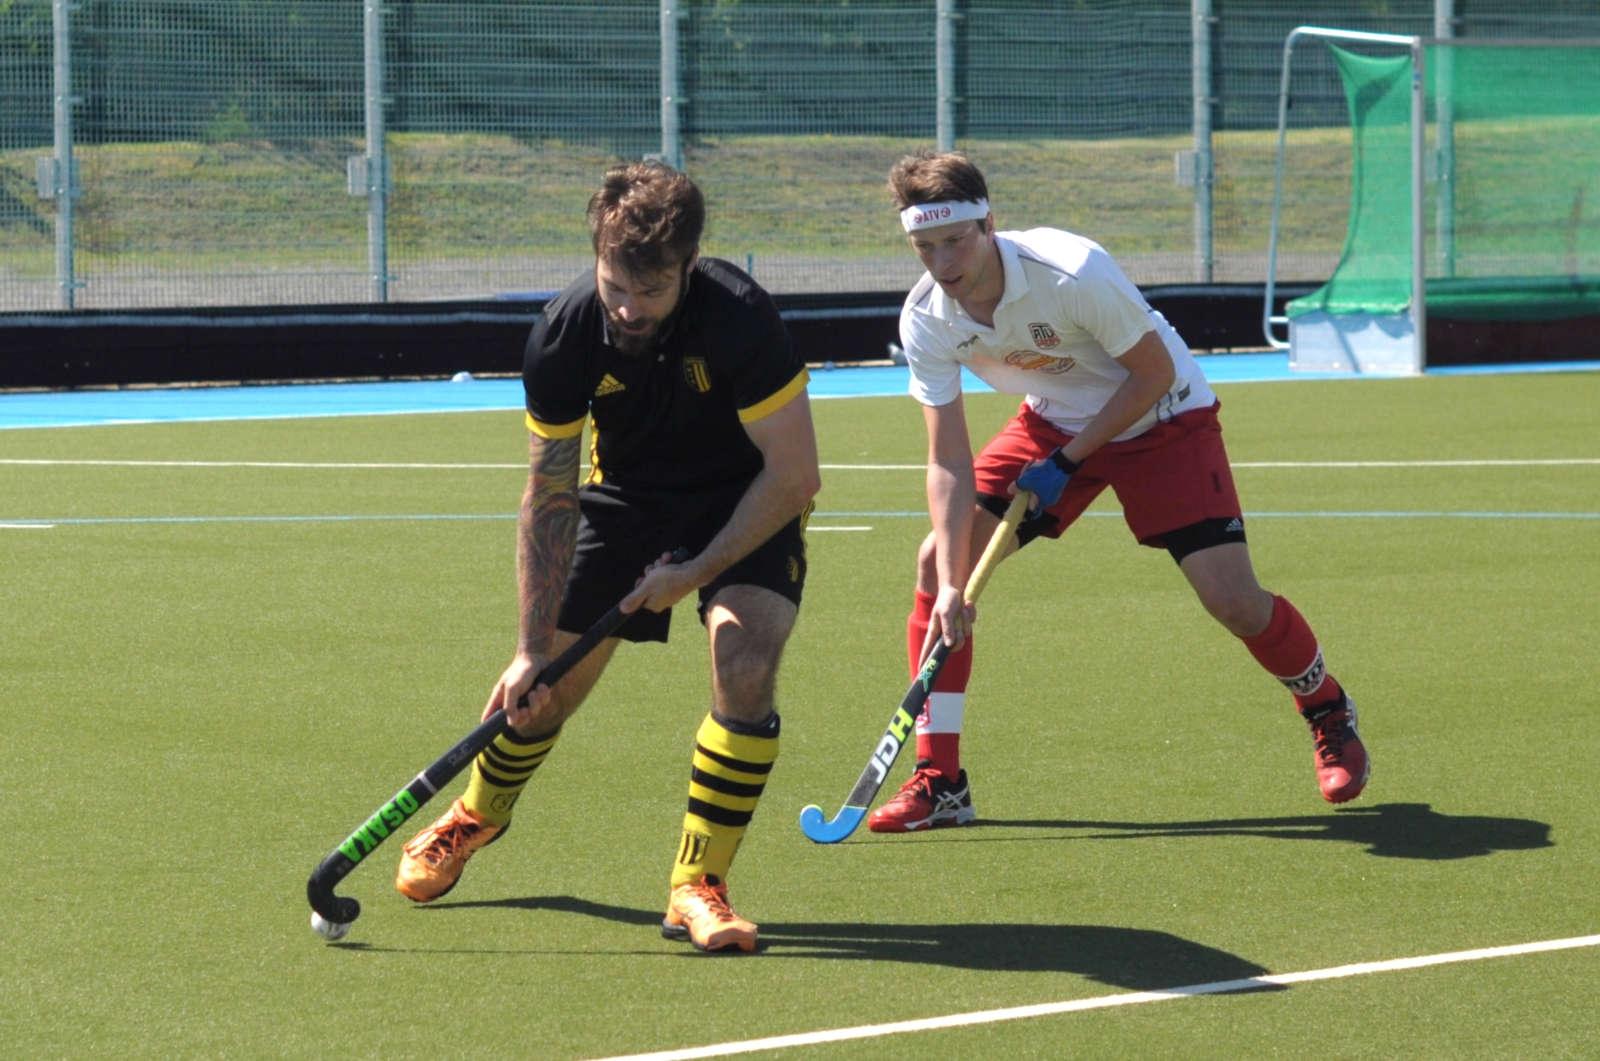 Hockey-Oberliga: Herren holen Punkt beim Spitzenreiter